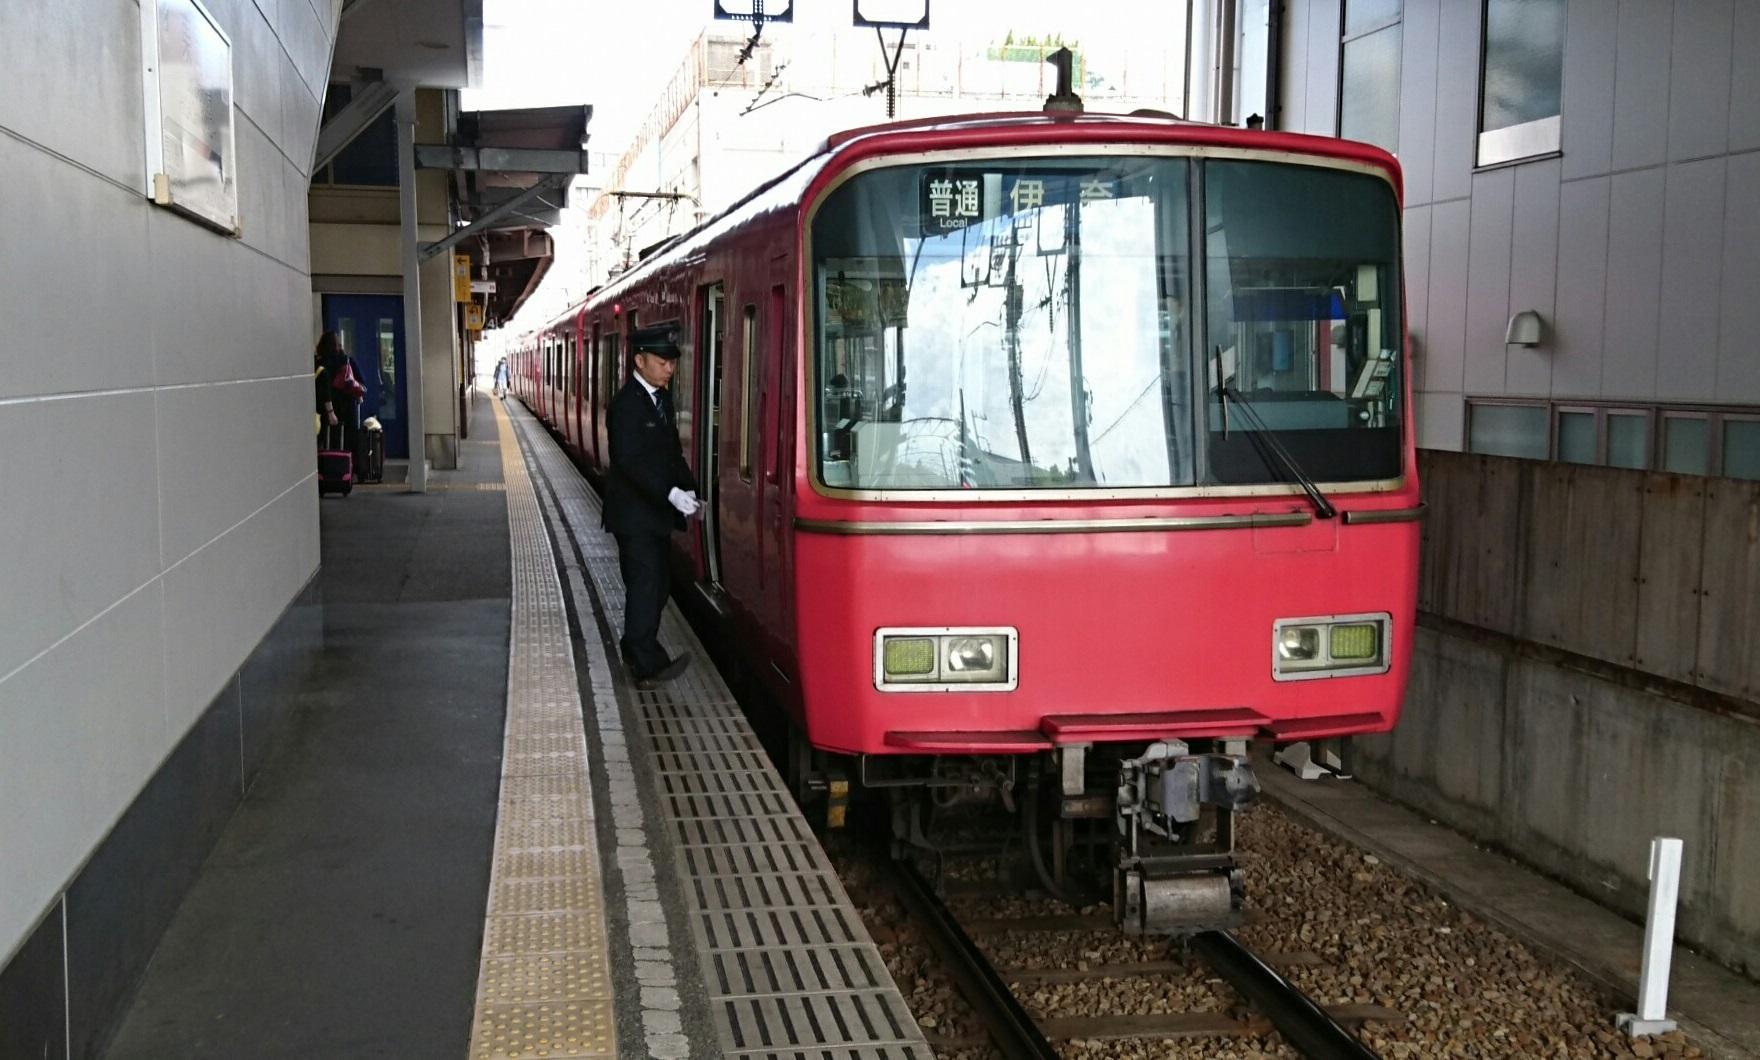 2017.5.4 (2) 東岡崎 - 伊奈いきふつう 1760-1060